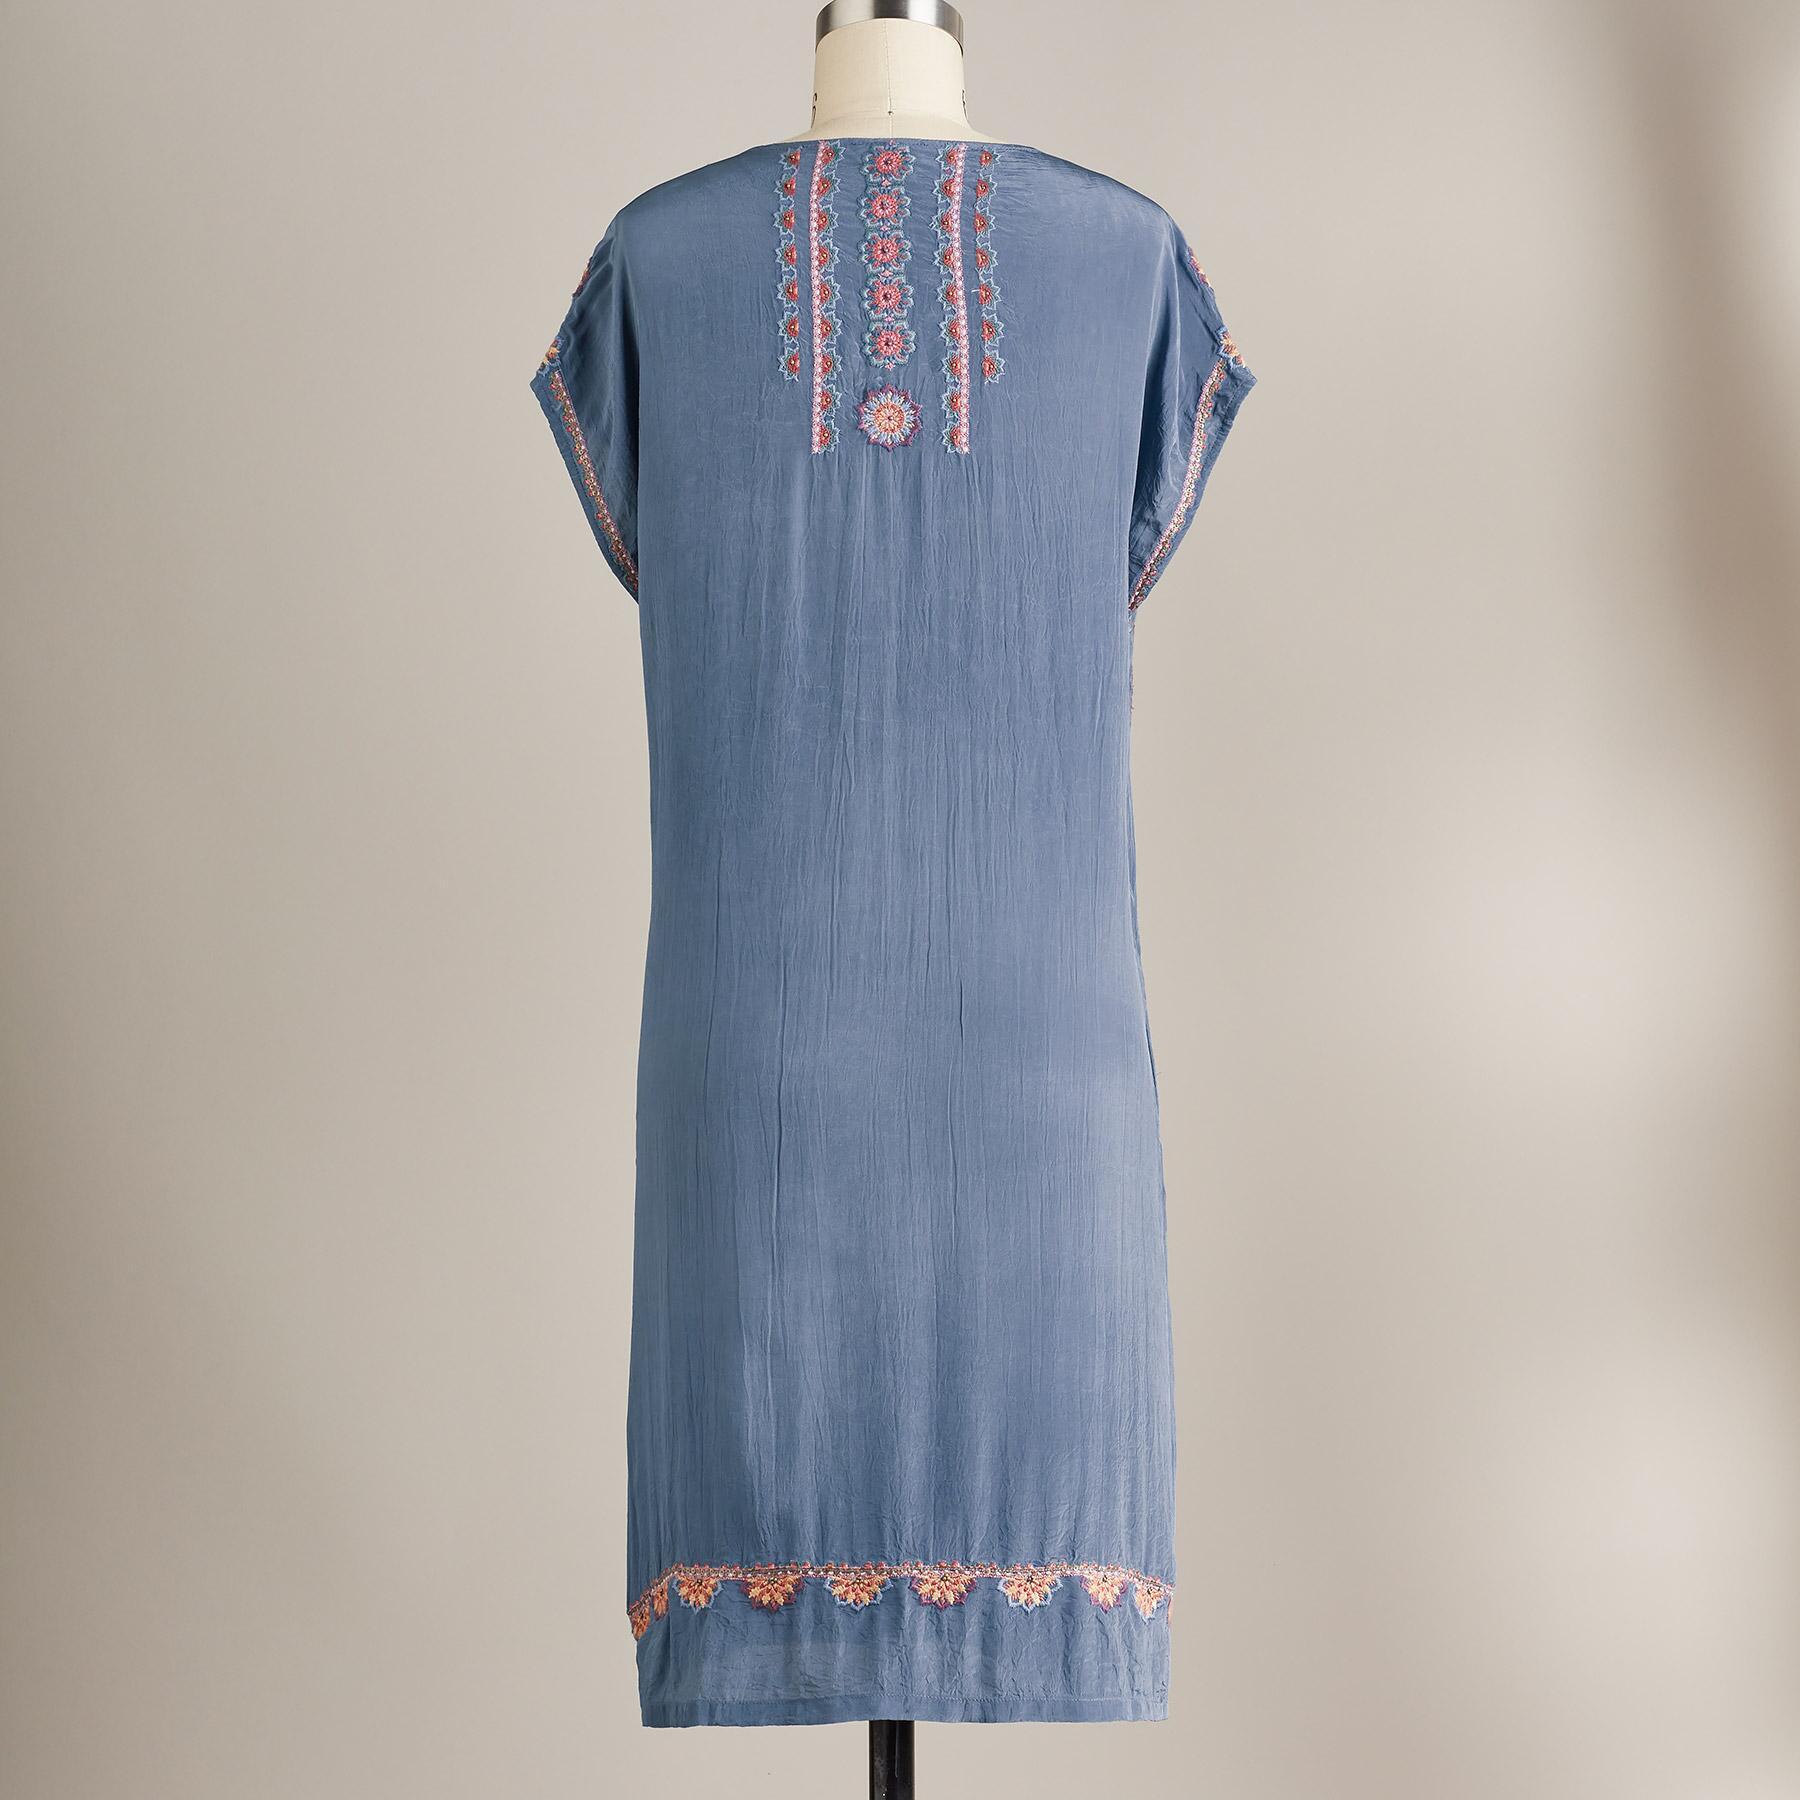 GARDEN MELODY DRESS: View 2